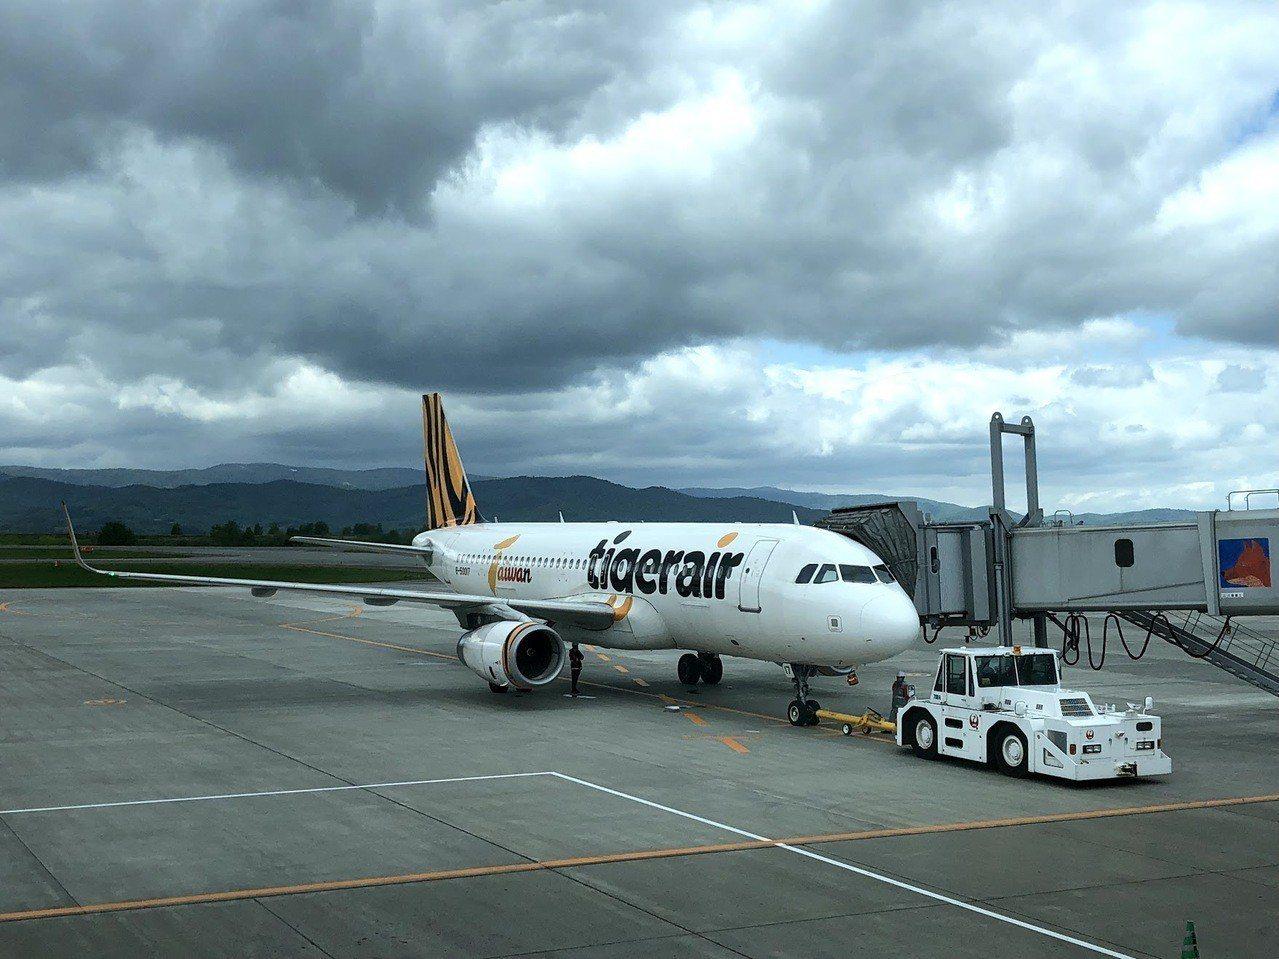 台灣虎航推出冬季航班優惠,最低飛澳門單程未稅699元起。記者魏妤庭/攝影